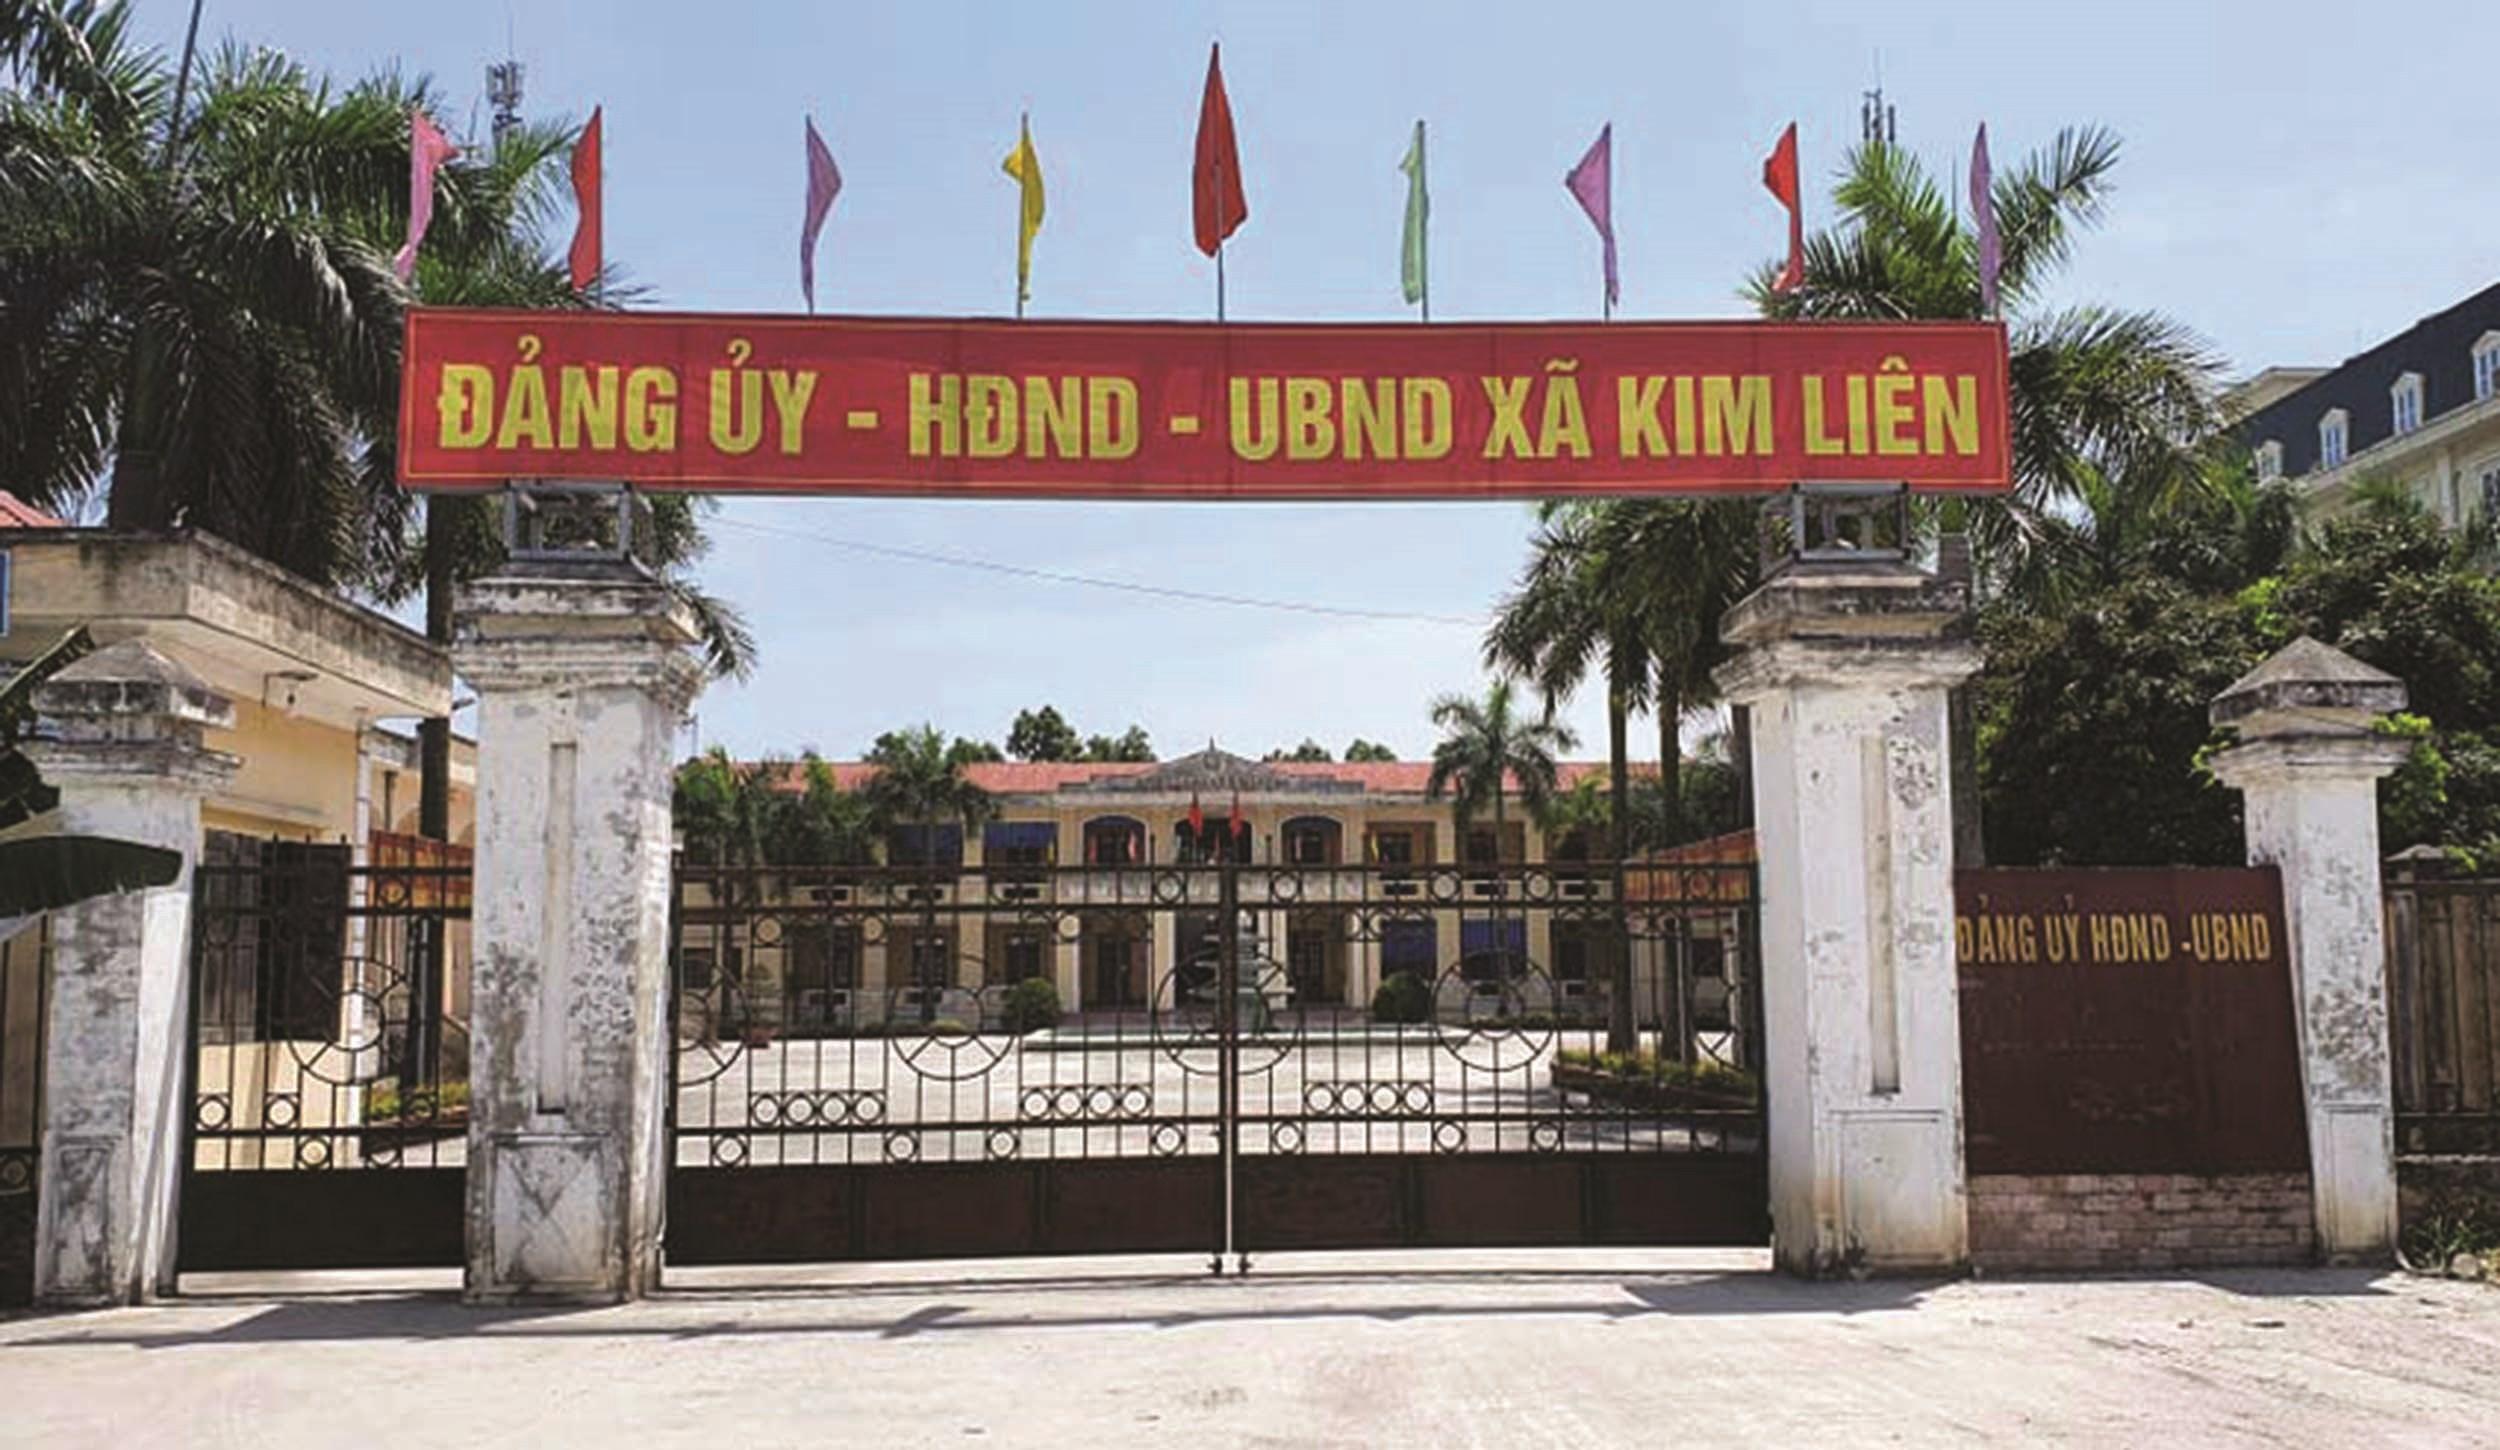 Trụ sở UBND xã Kim Liên mới hơn 10 giờ sáng đã đóng kín cửa.